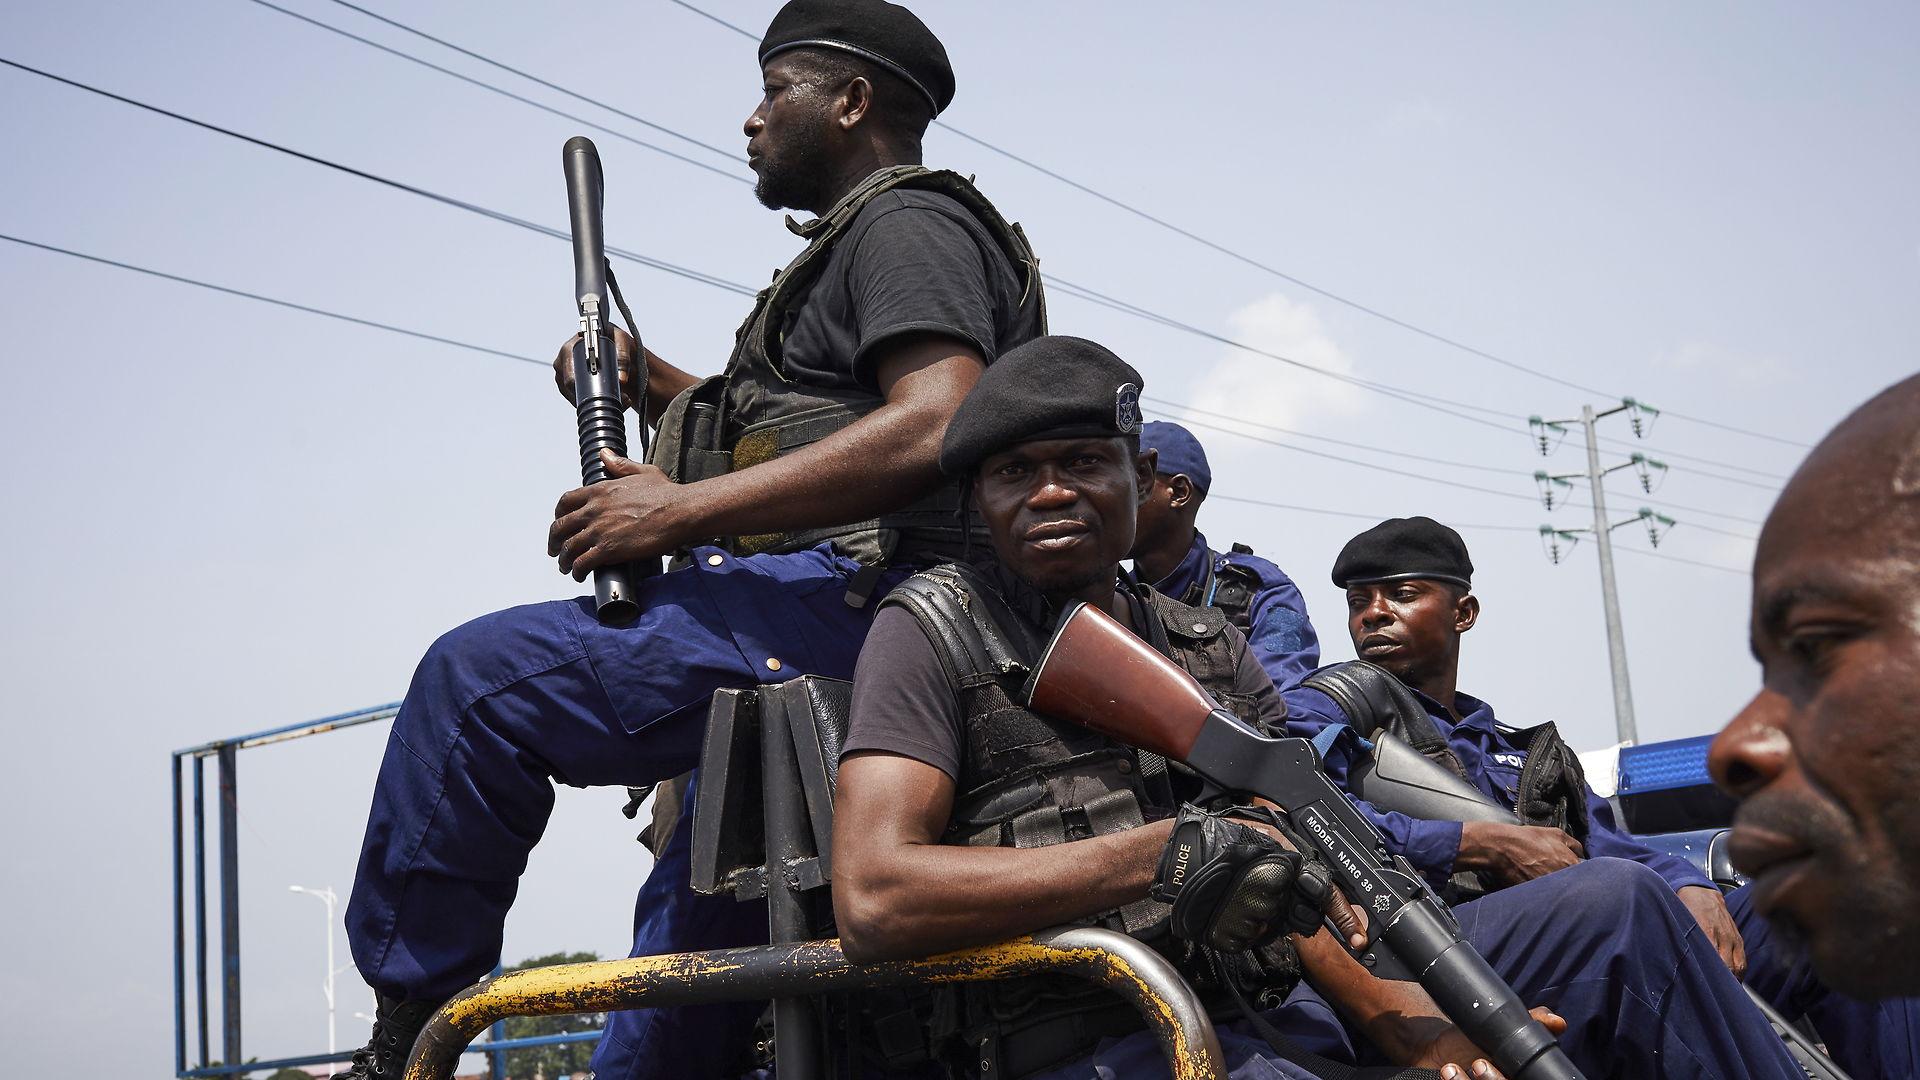 Gerard Prunier efter valget i DR Congo: Hvis situationen fortsætter som nu, vil folket finde våbnene frem